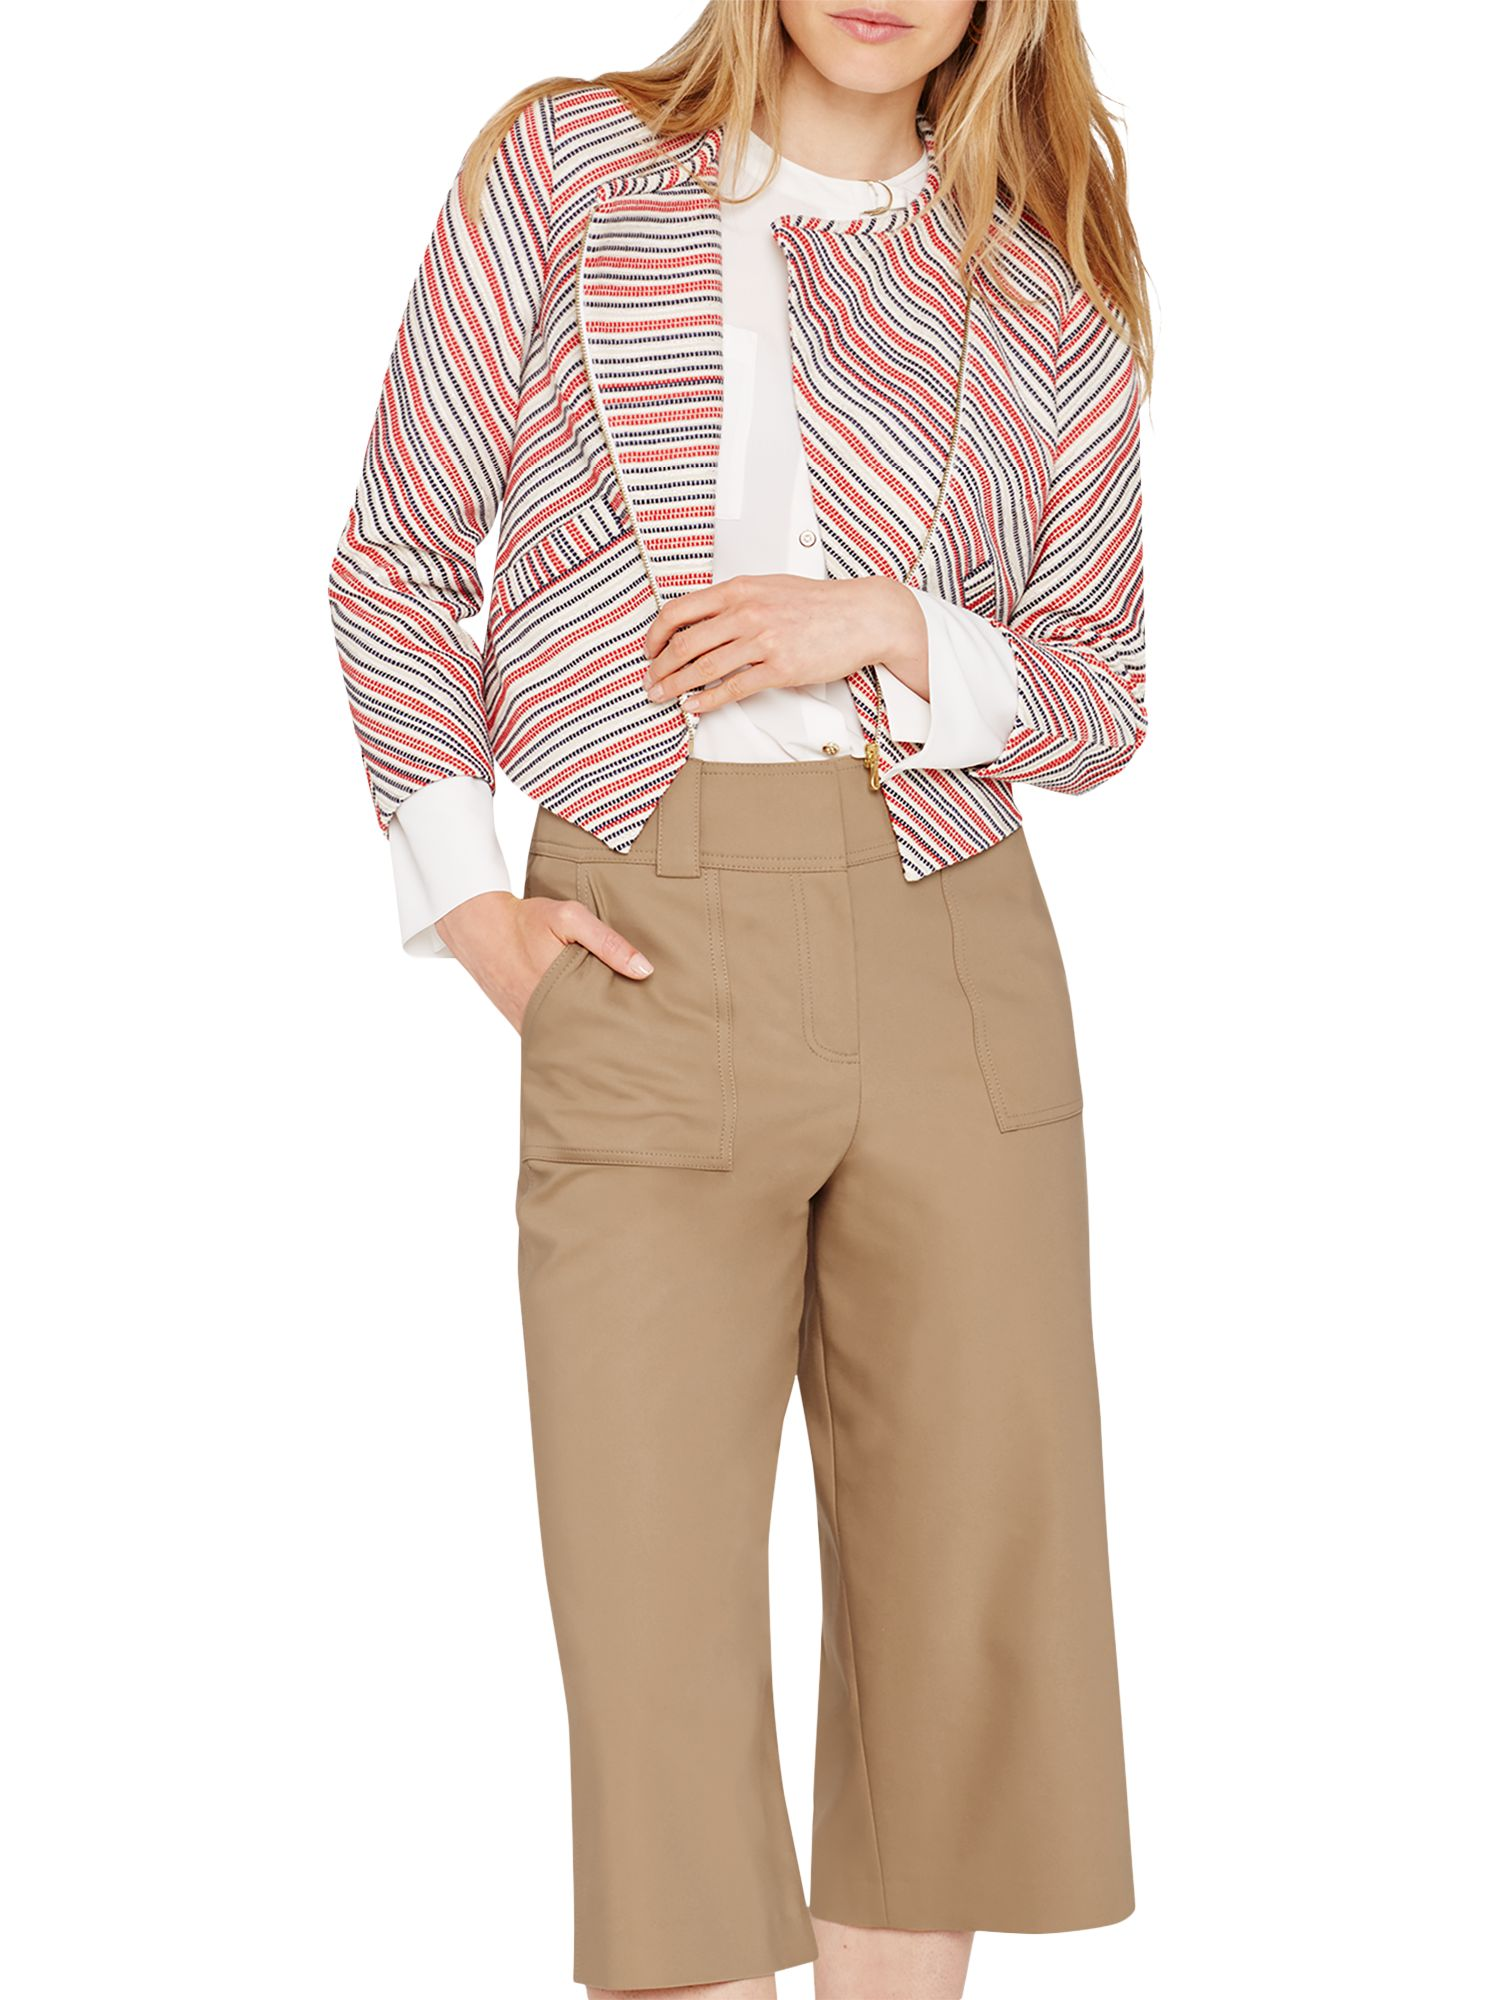 Damsel in a dress Damsel in a Dress Harri Tweed Crop Jacket, Multi